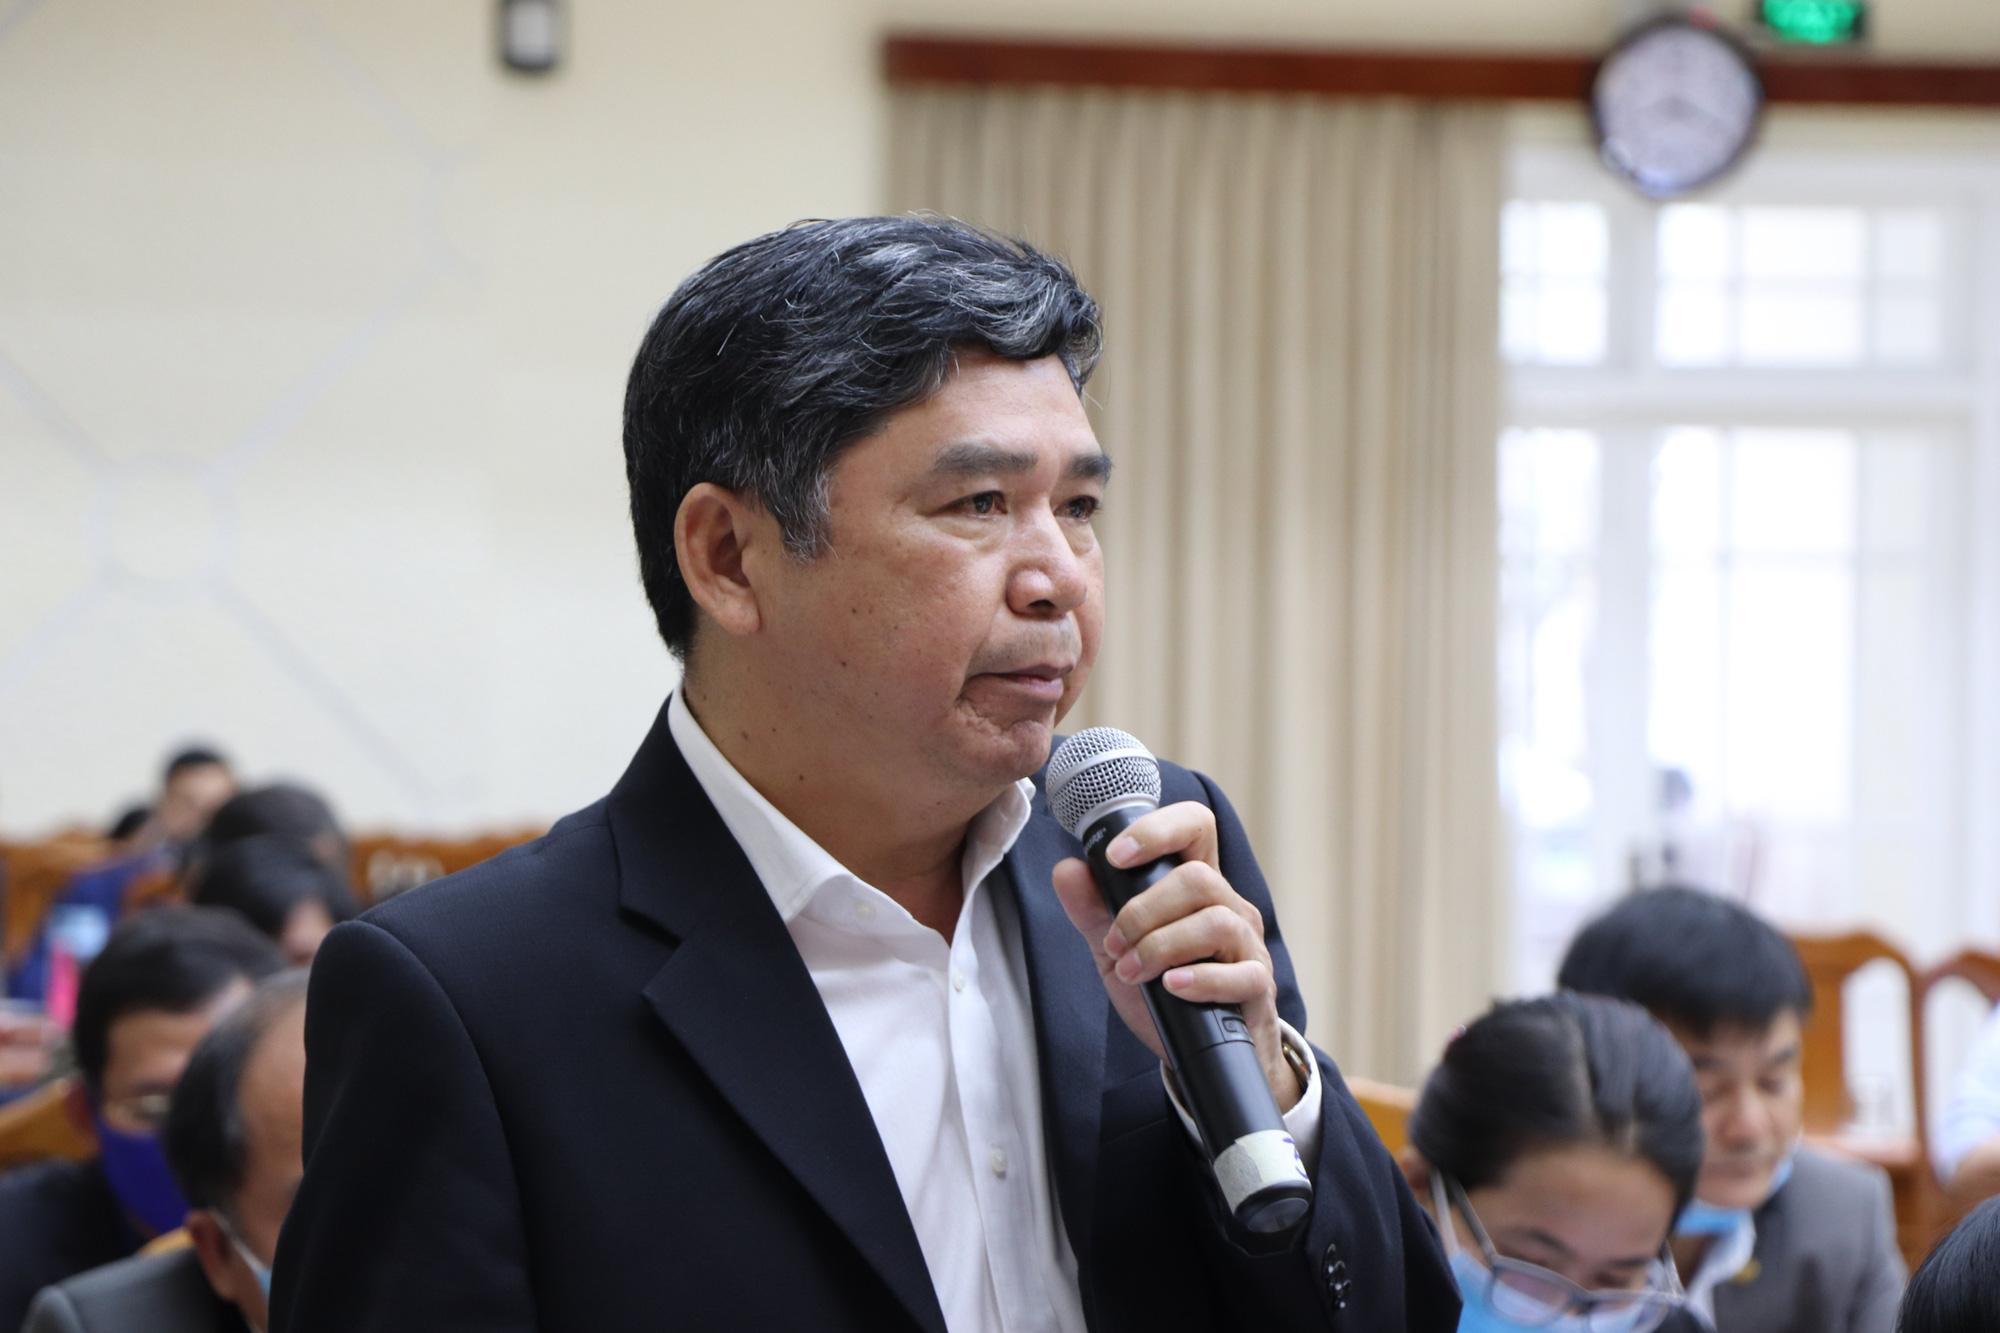 Bí thư, Phó Bí thư Quảng Nam rất quan tâm đến Khu phố chợ Bà Rén hàng chục tỷ đồng  - Ảnh 2.